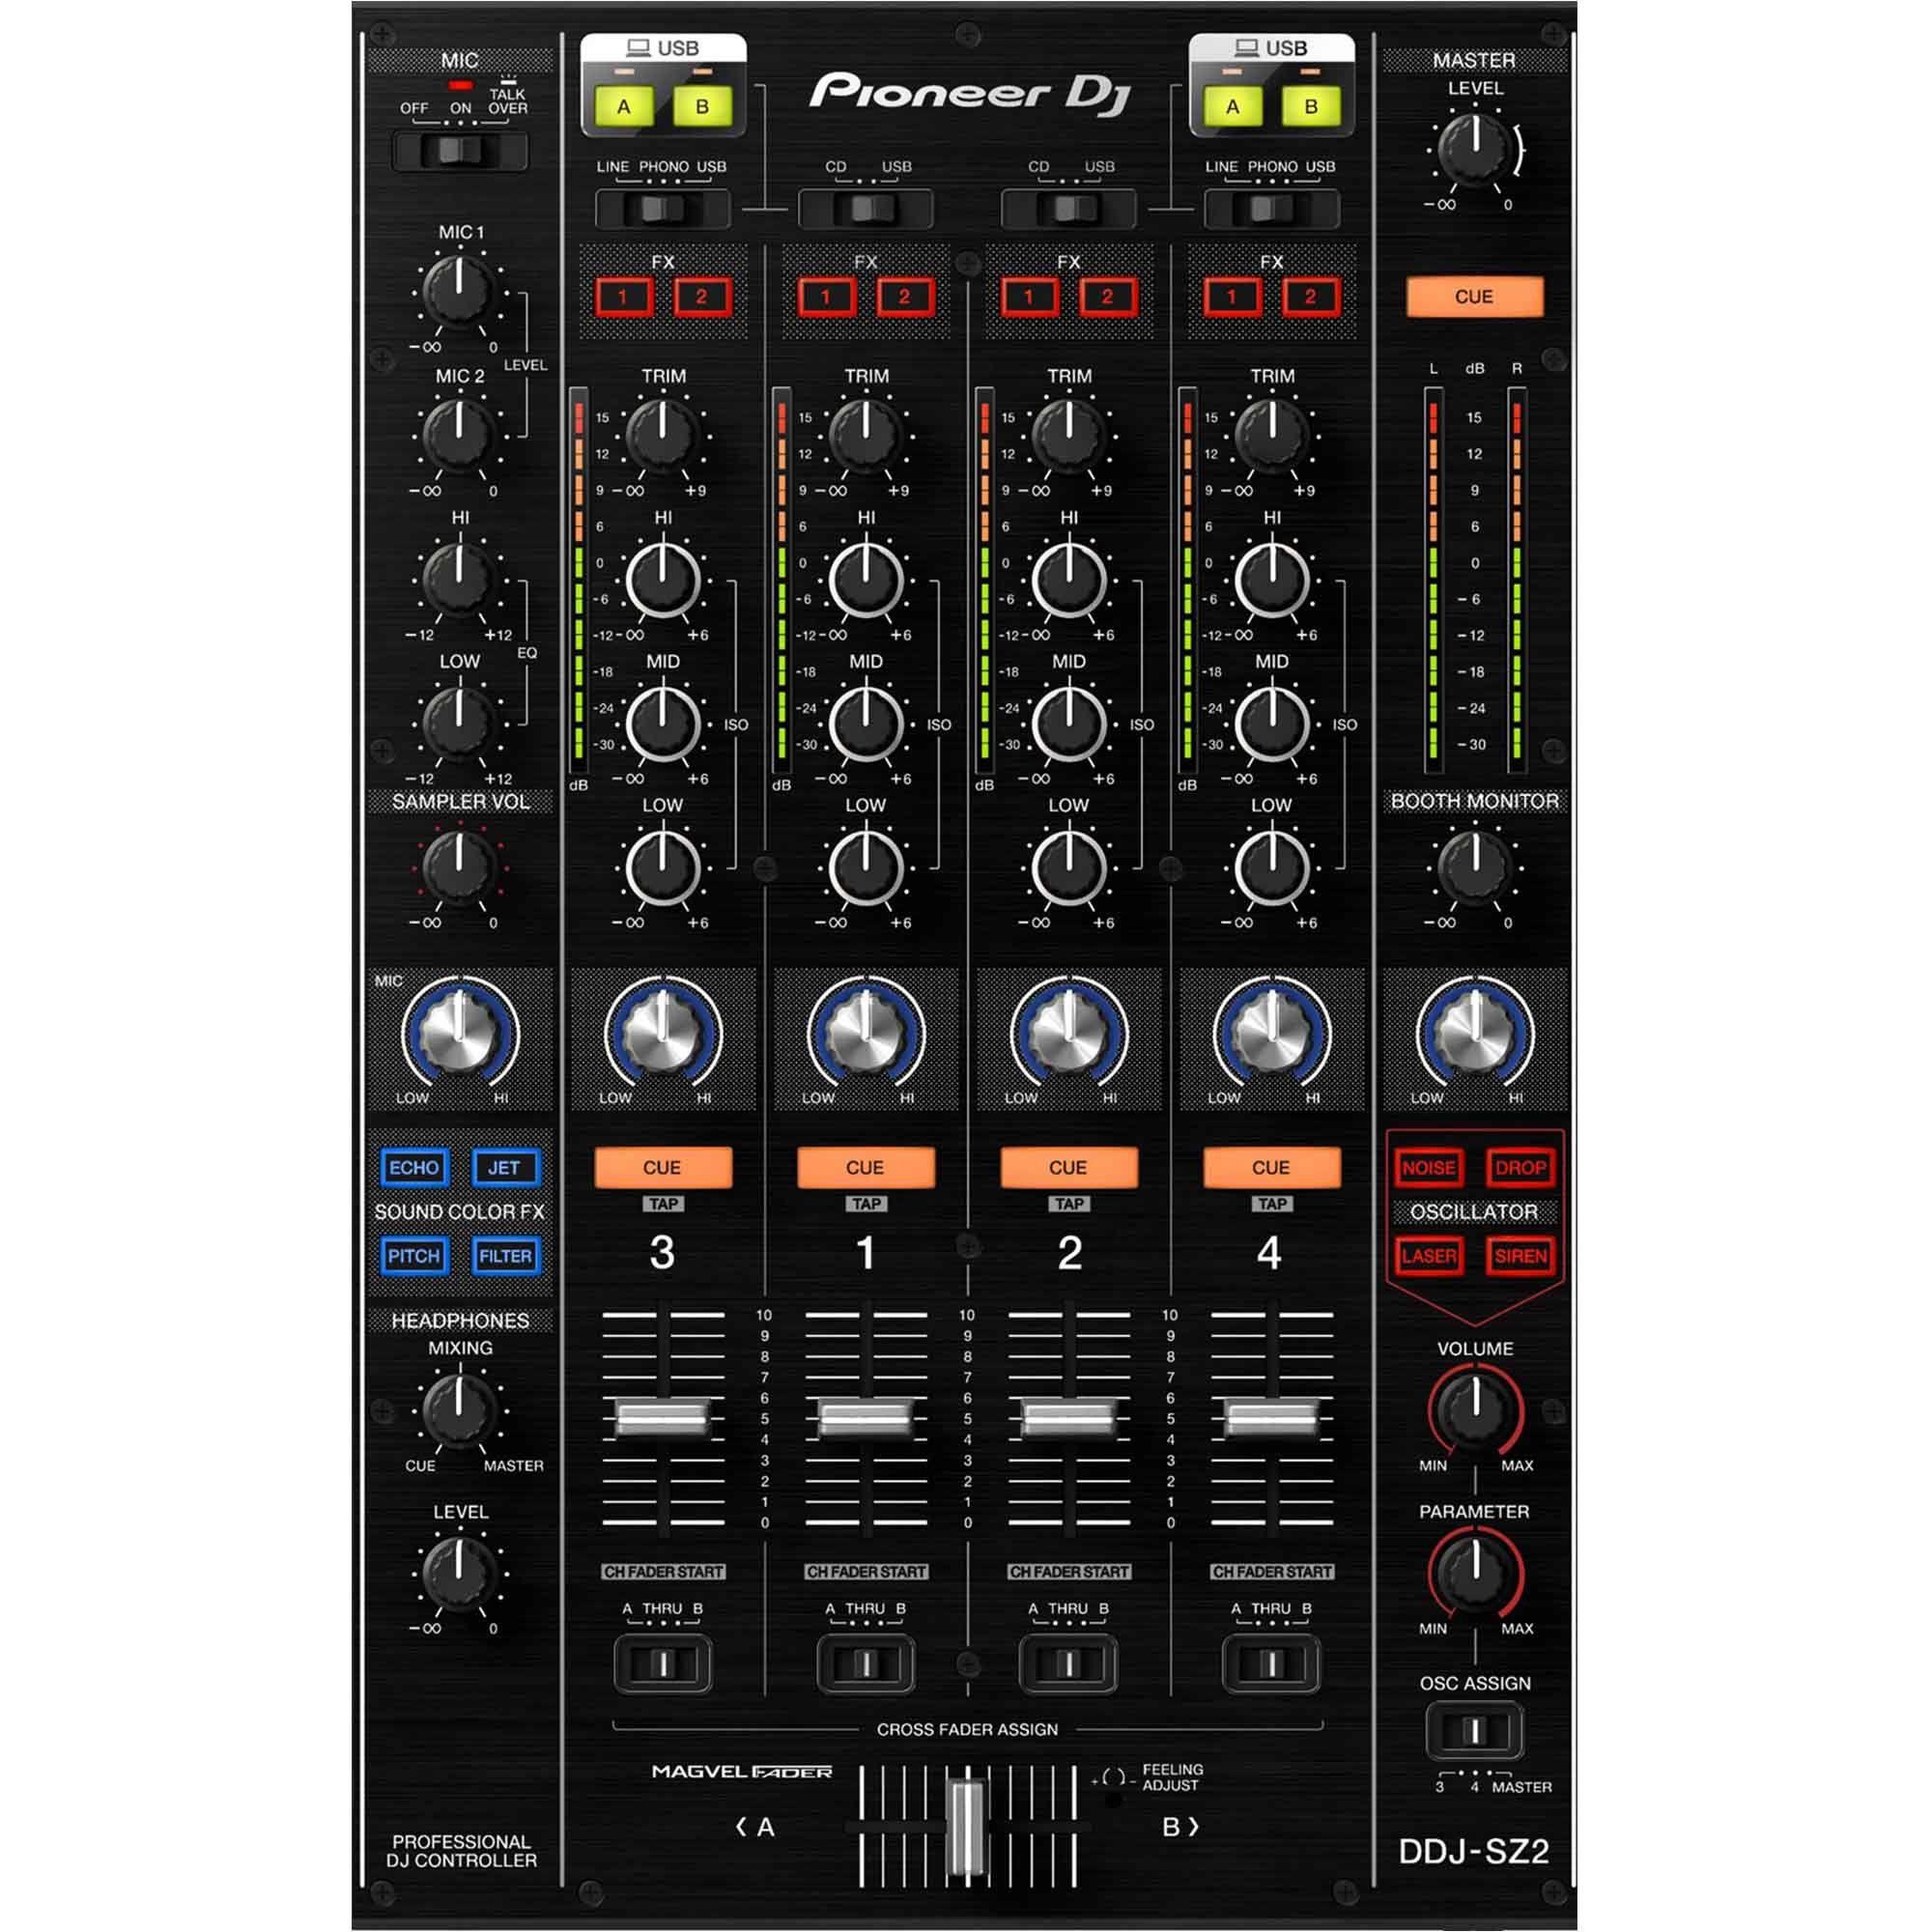 Pioneer DDJ-SZ2 Controladora Dj DDJ SZ2 4-Canais 2-Decks Serato Dj